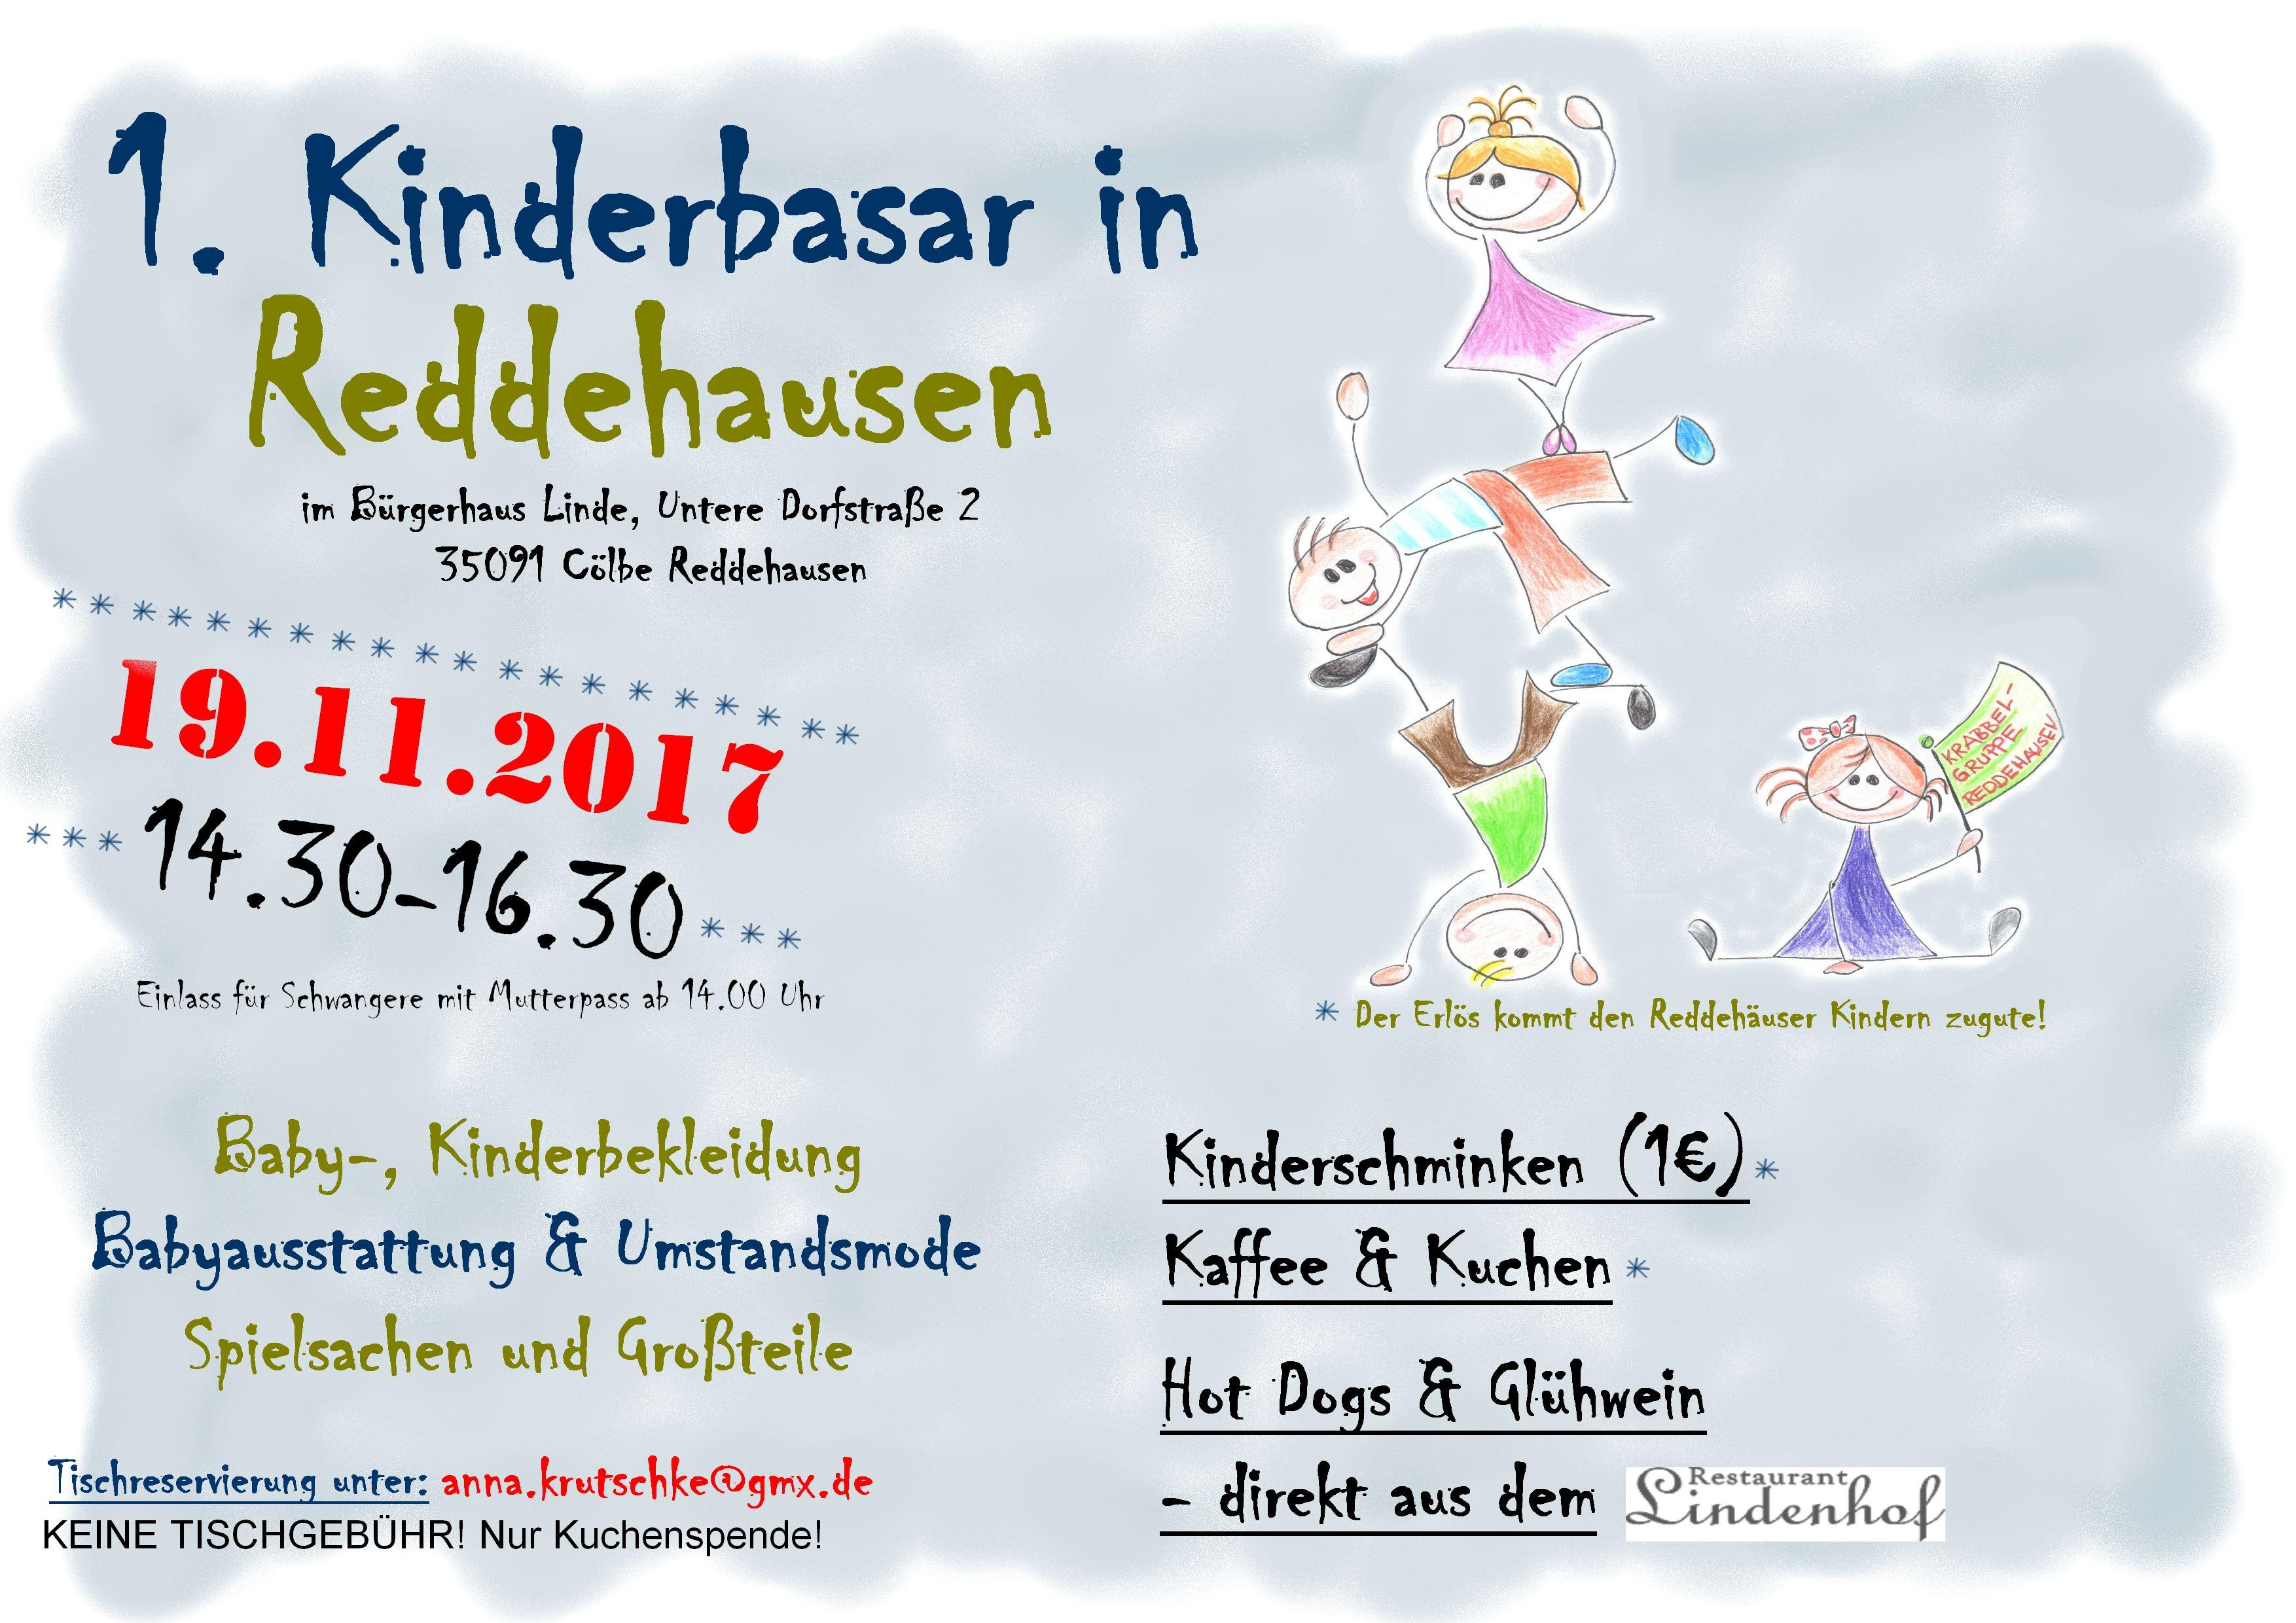 Plakat Kinderbasar neu Reddehausen